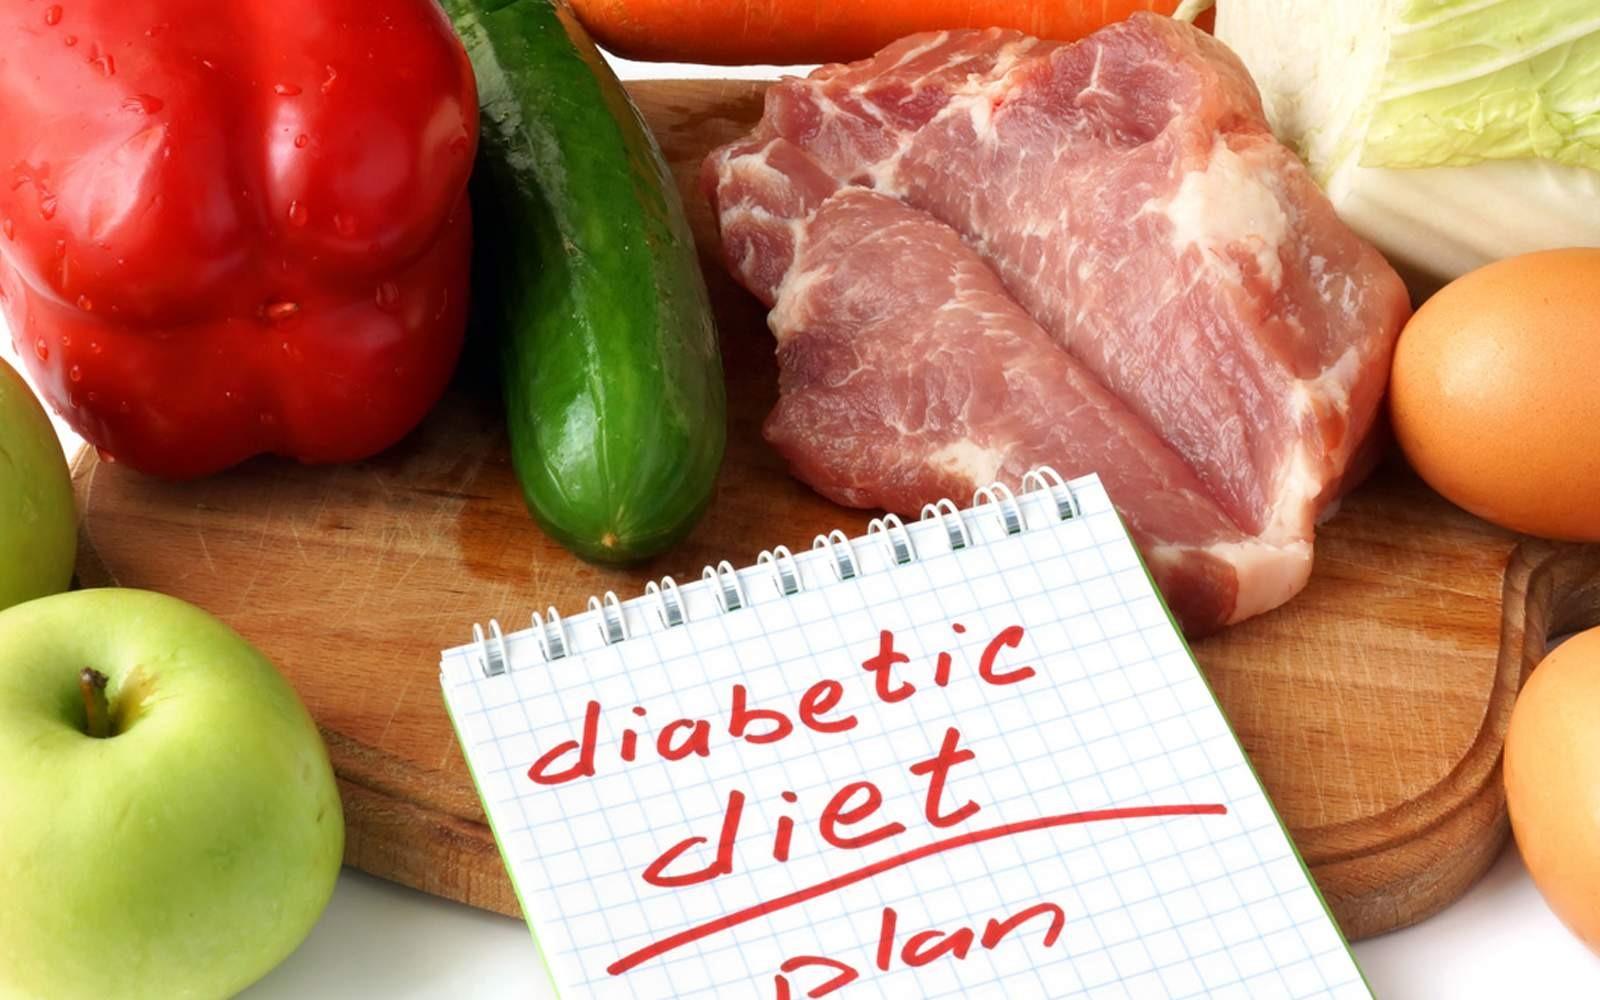 Diabetesi, Ini Daftar Nutrisi Penting Agar Sehat Selama New Normal